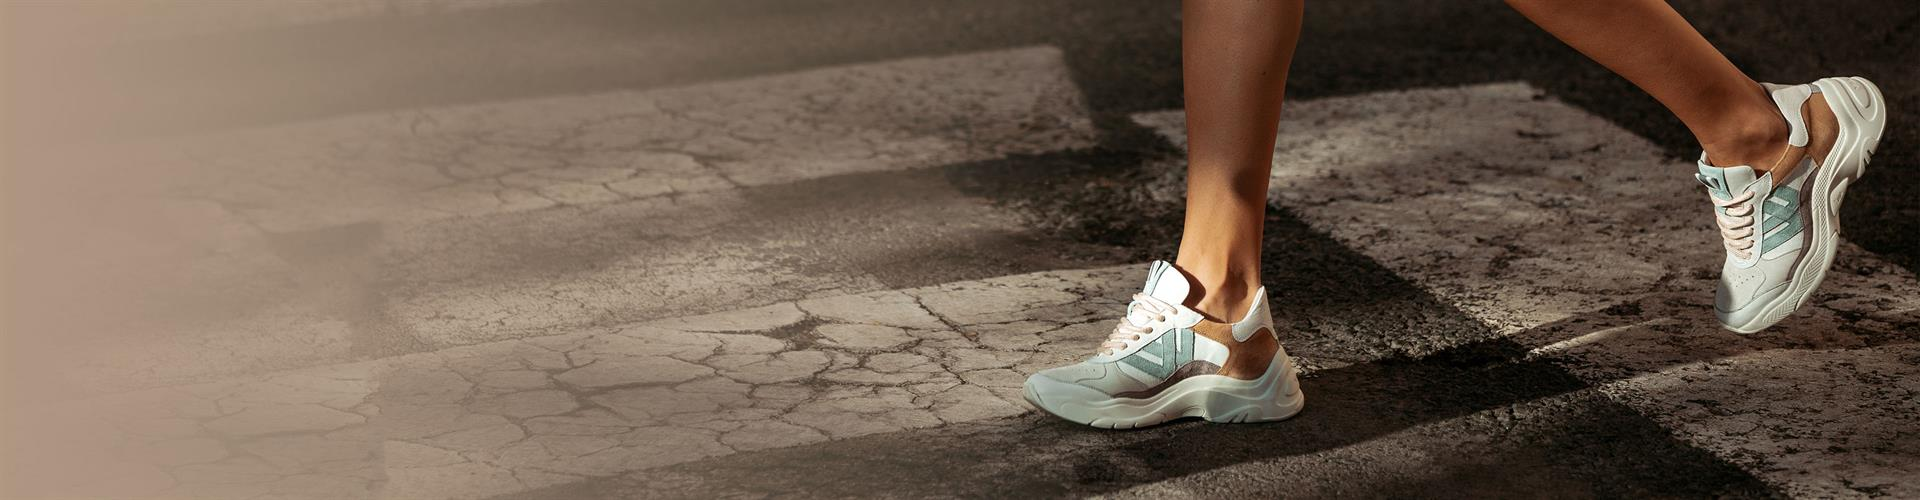 01-Trendpagina-Schoenen-Sneakers-SliderDesktop-3840x1000px-2602